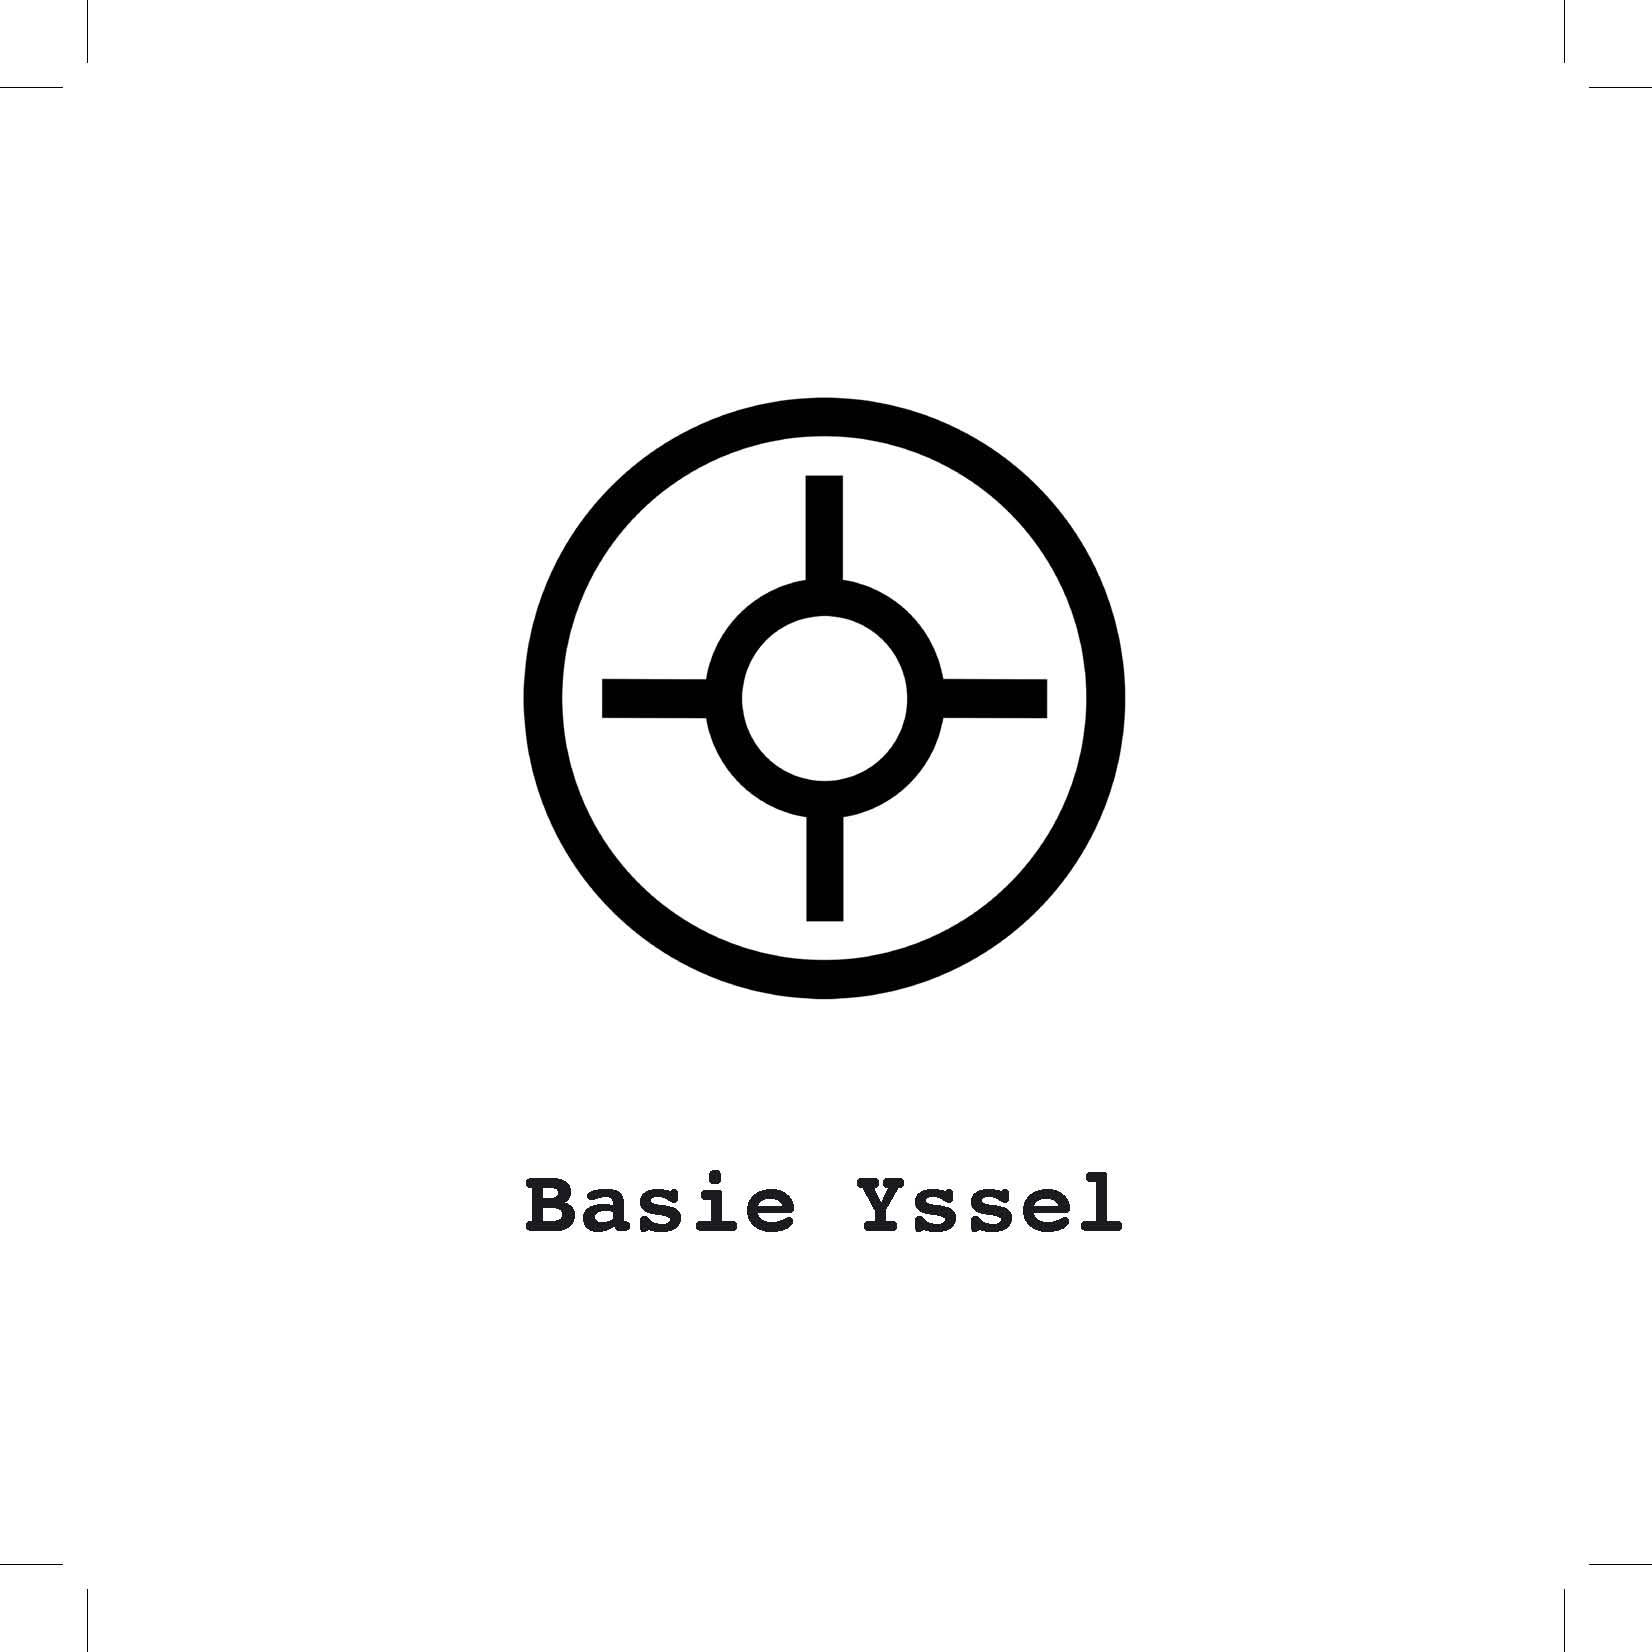 MAP Southafrica - Basie Yssel